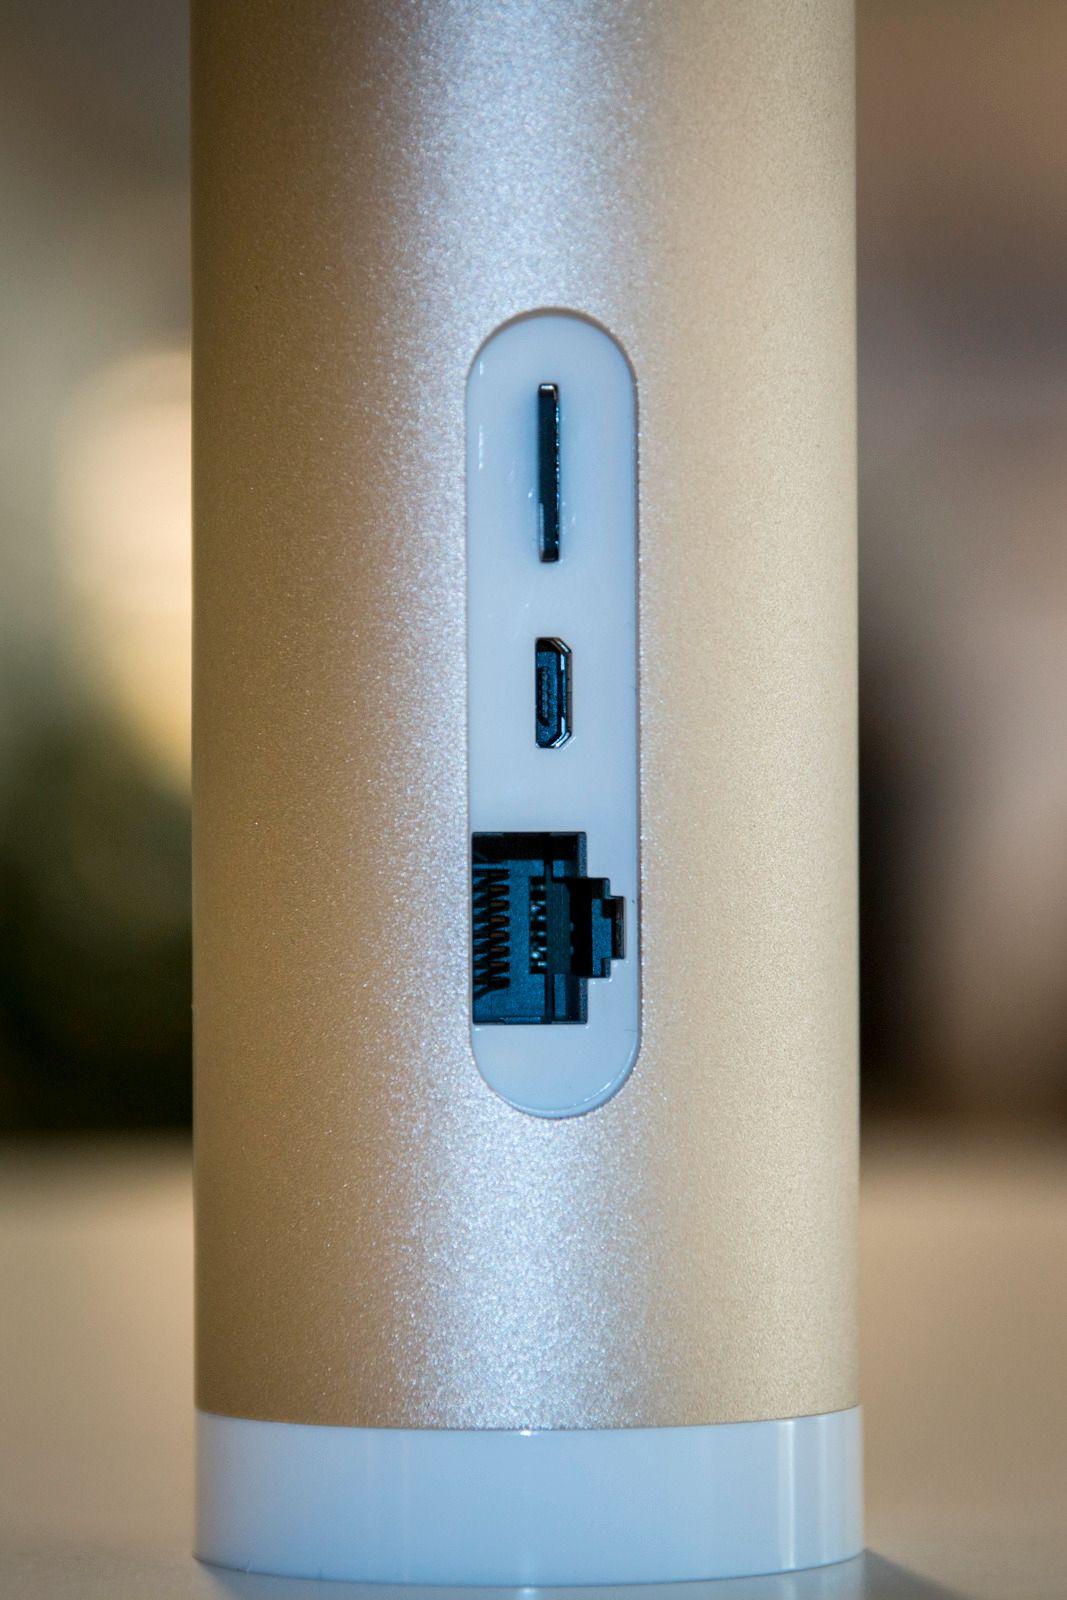 På kameraets bakside er det plass til nettverkskabel hvis du ikke vil koble til via Wi-Fi. Videre ser vi strømporten (mikro-USB) og plass til microSD-minnekort. Et slikt kort på 16 GB medfølger.